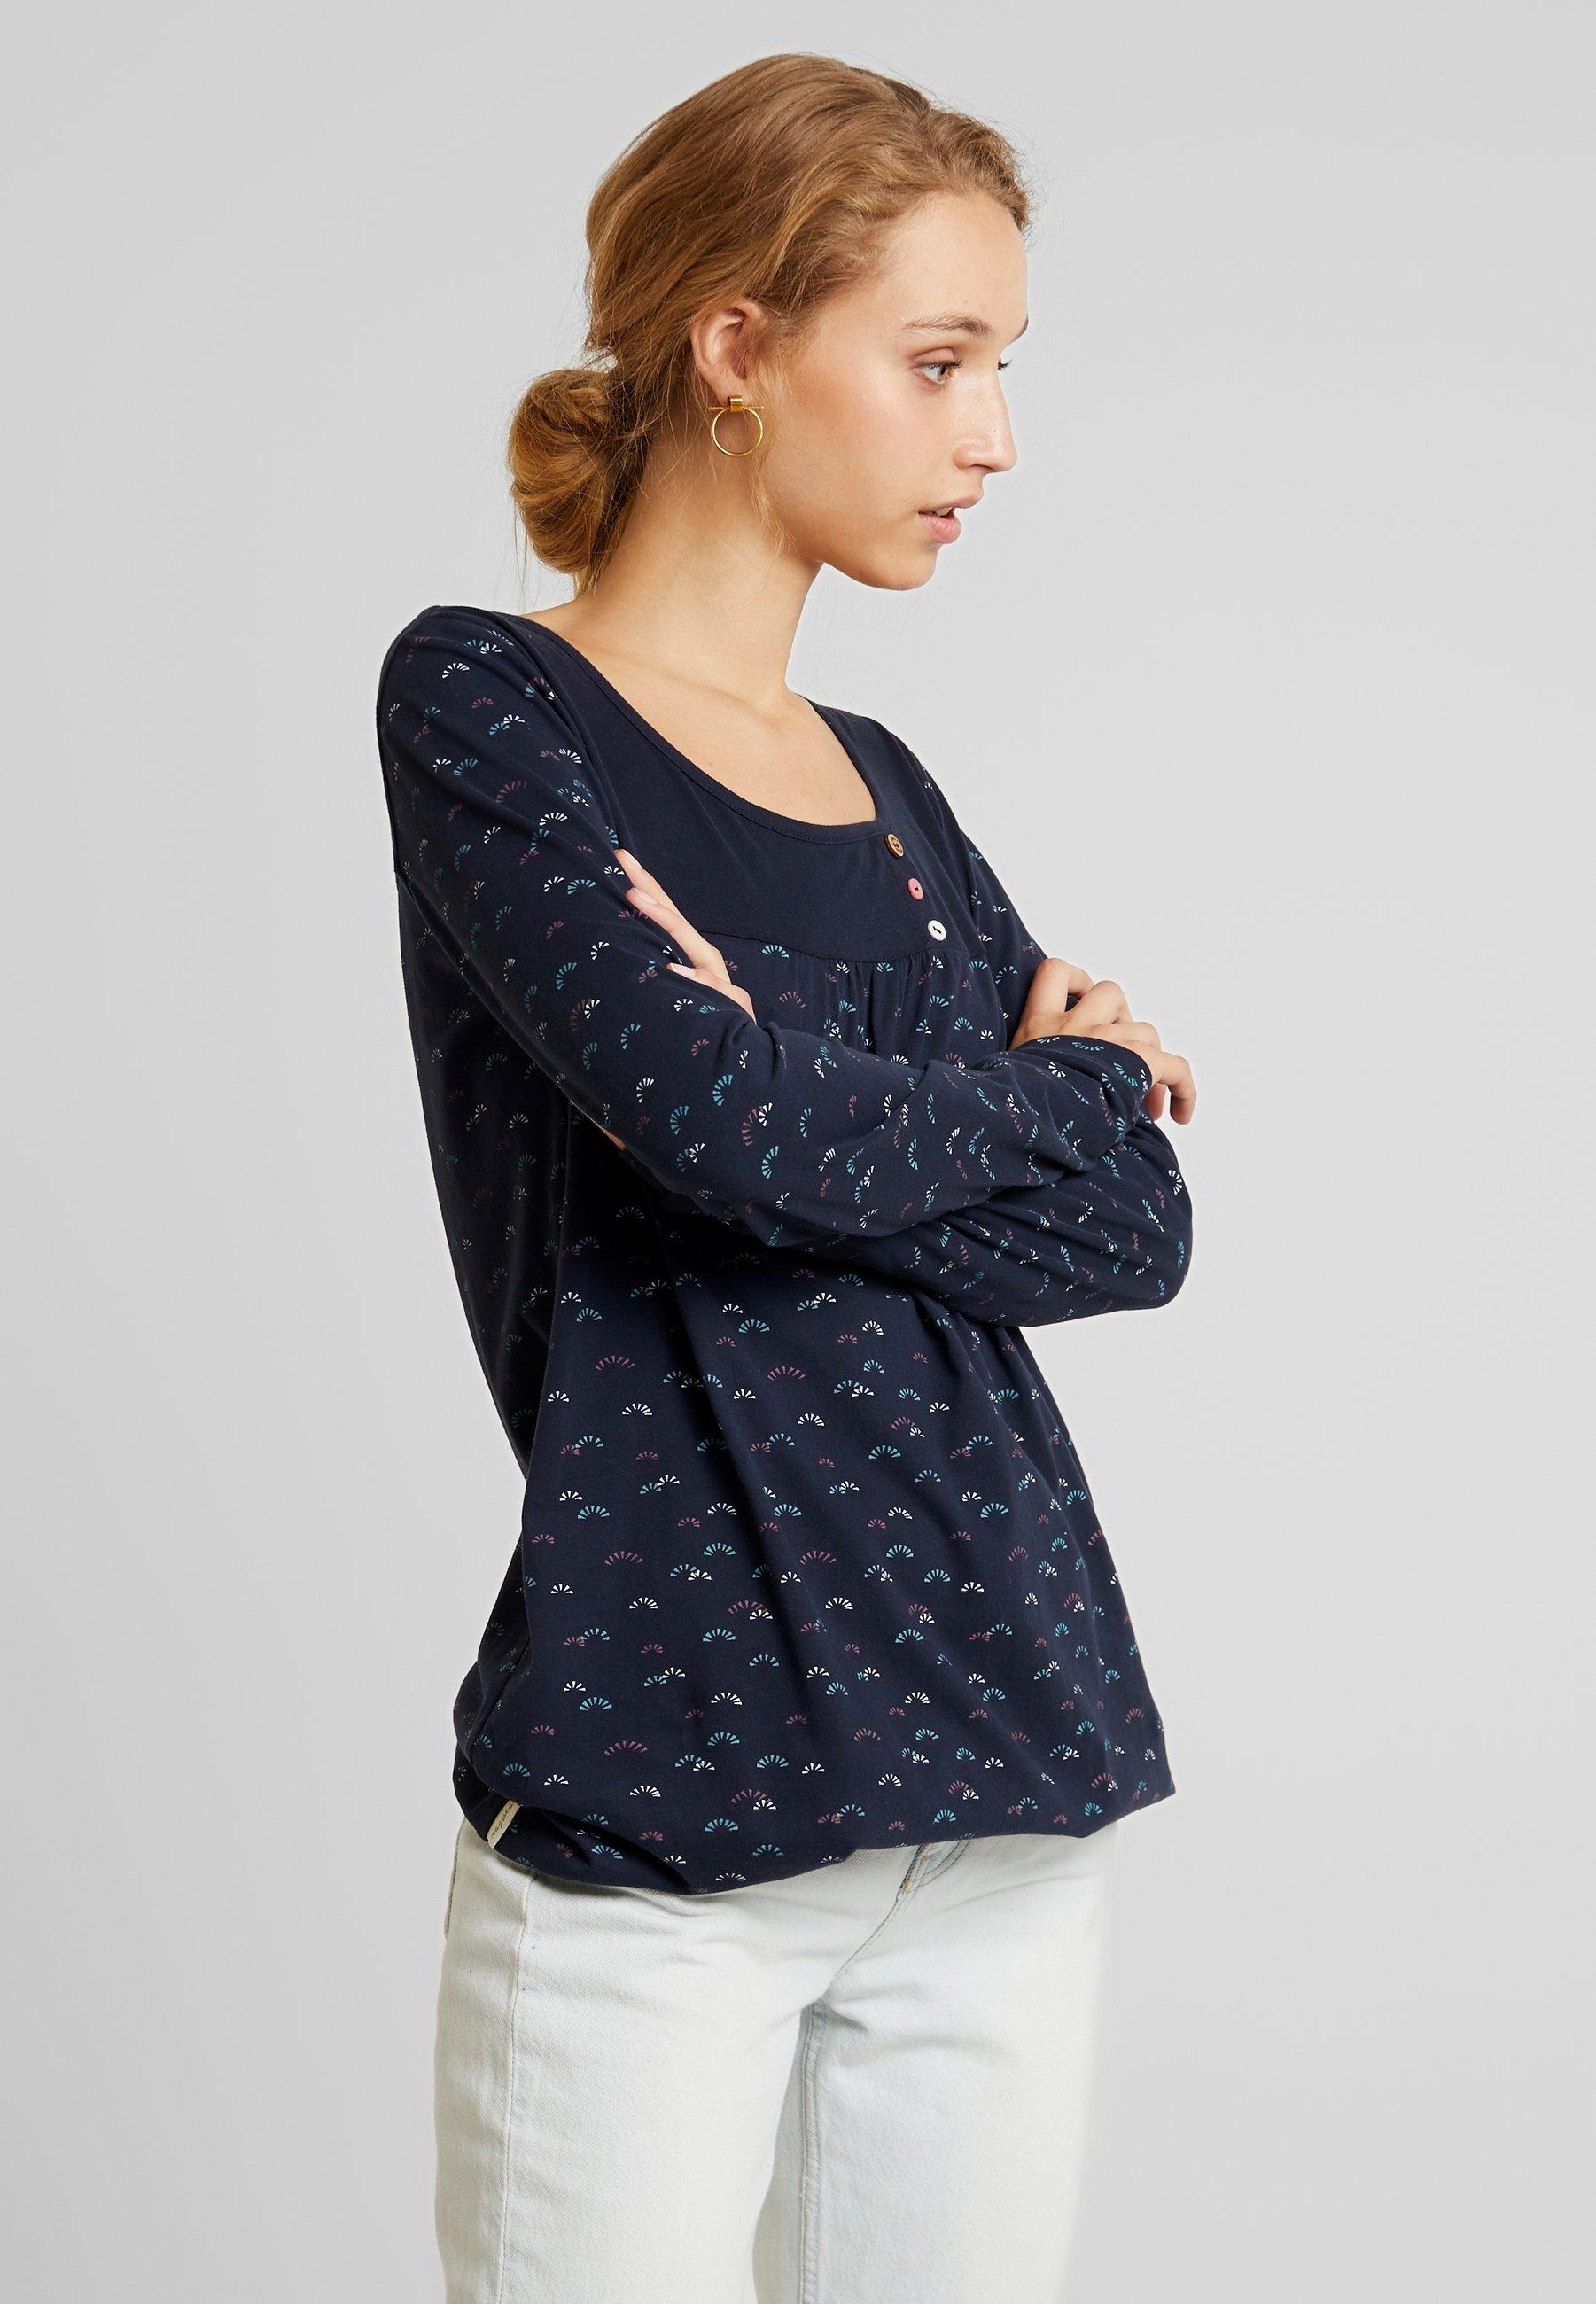 longues shirt ORGANICT manches Ragwear BRAZIL à navy c3ARj4L5q